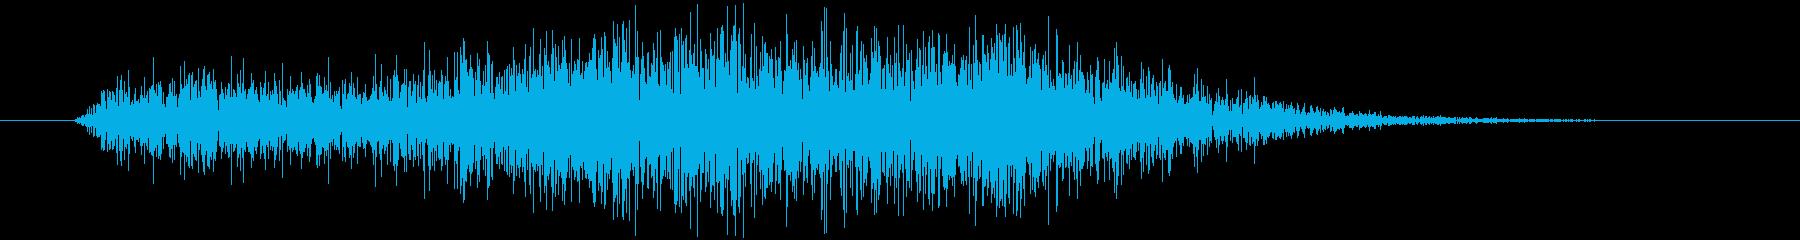 ズザーの再生済みの波形